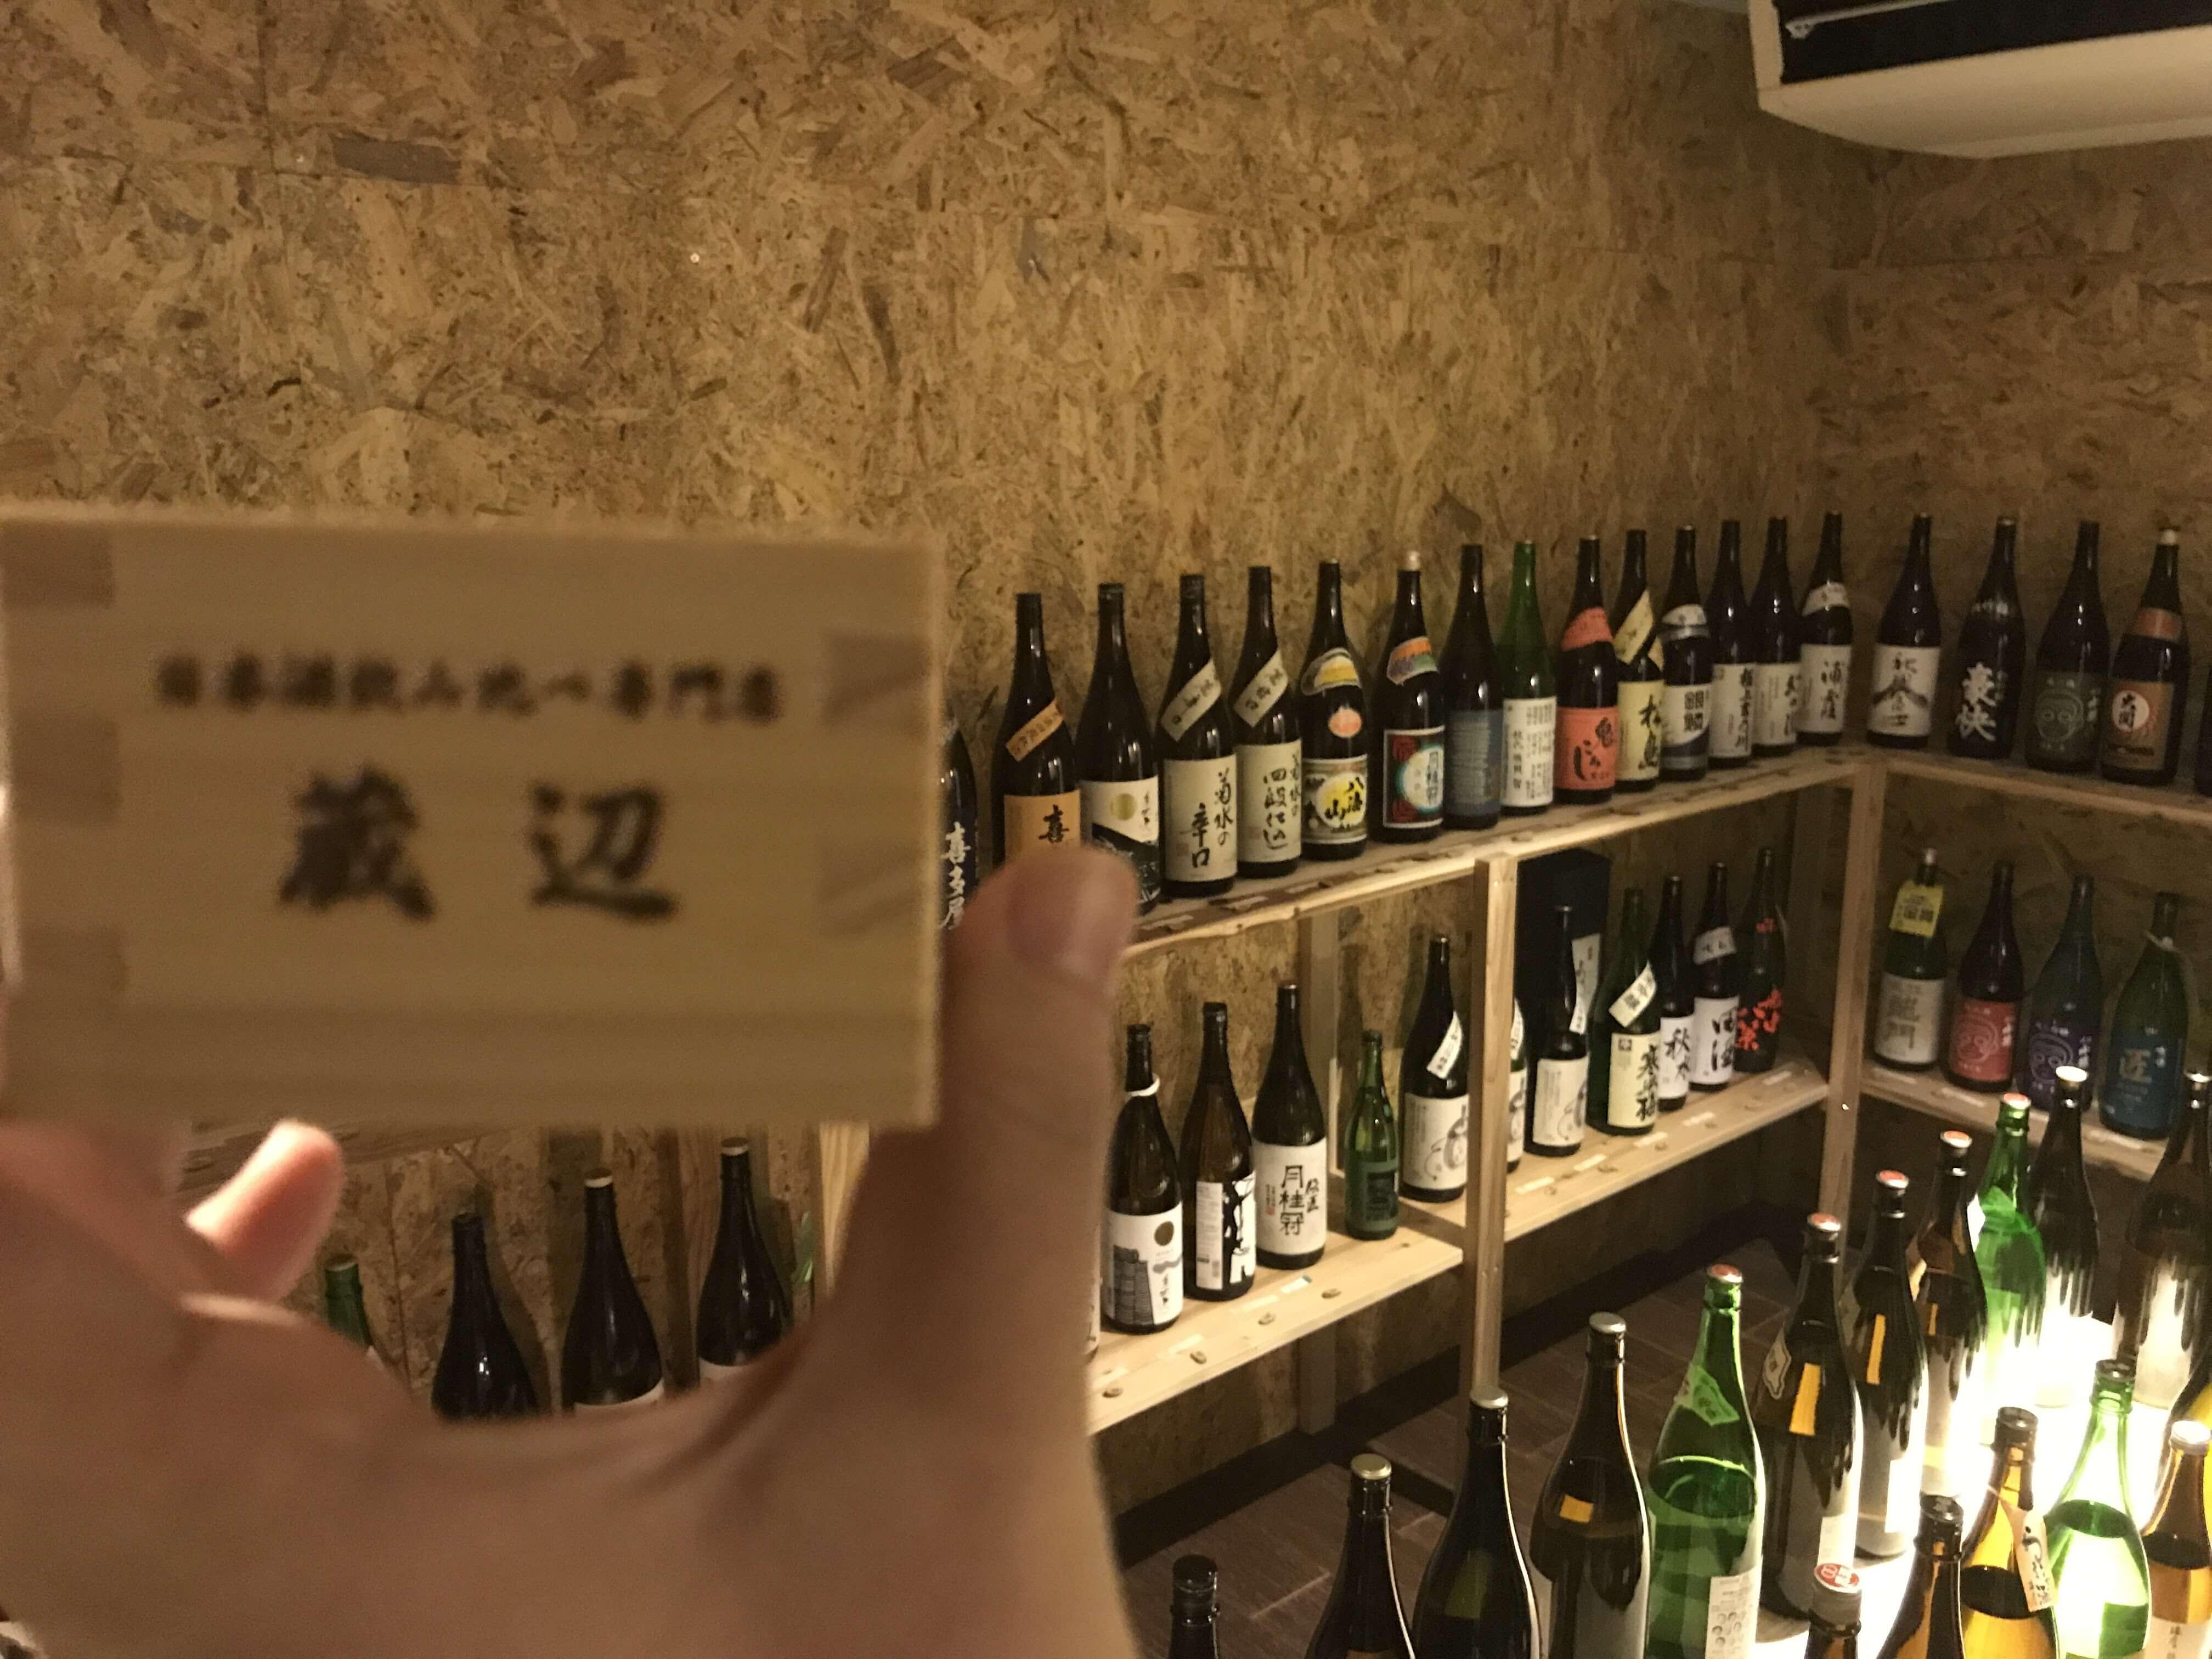 【蔵辺】日本酒だけで120種以上!大吟醸も飲める本気の飲み比べ専門店が隠れすぎて逆にヤバい。